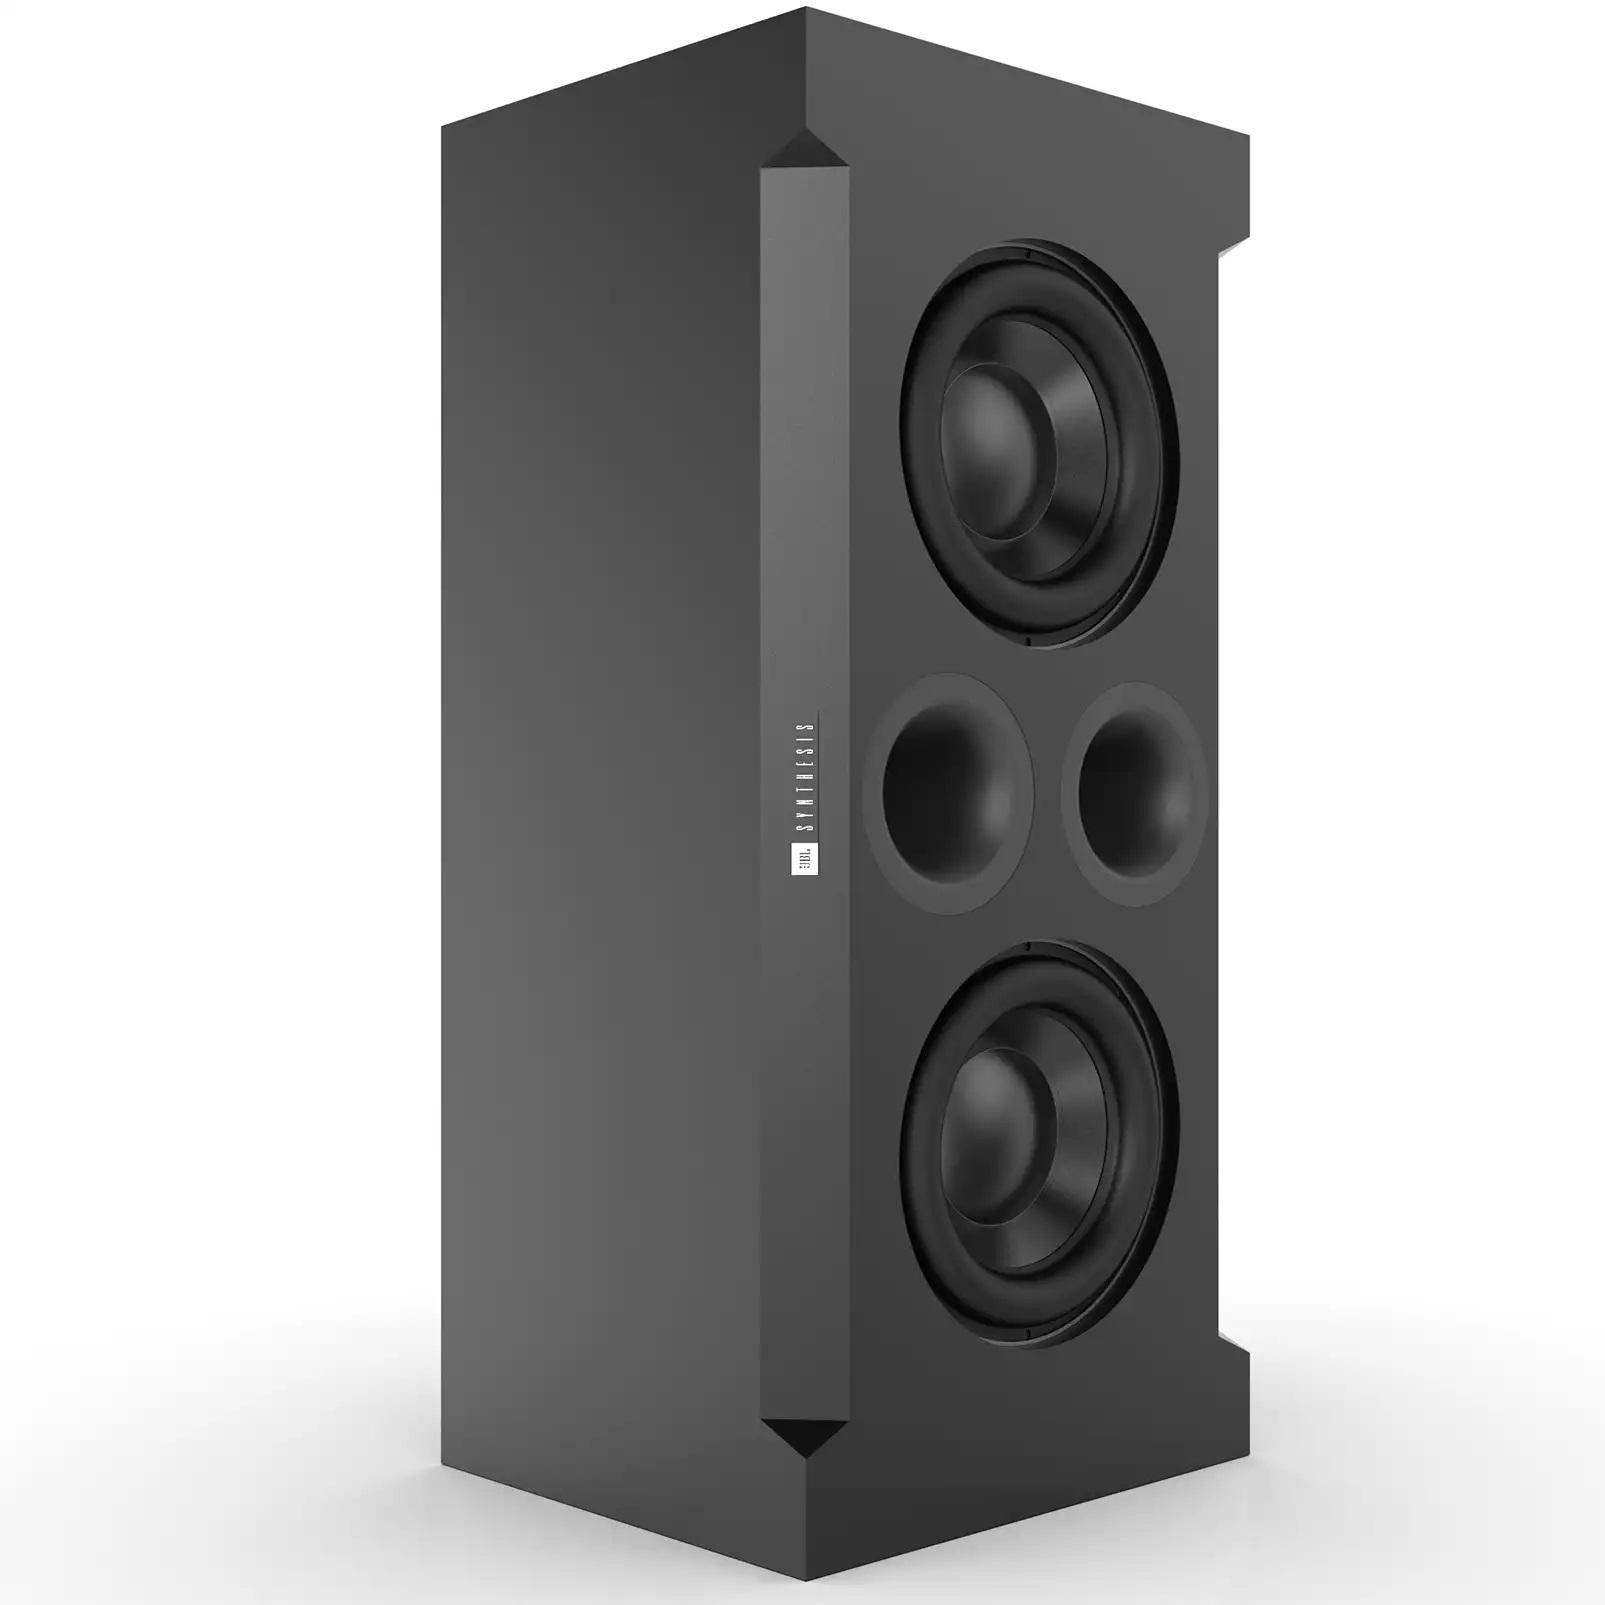 SSW-1超低音扬声器